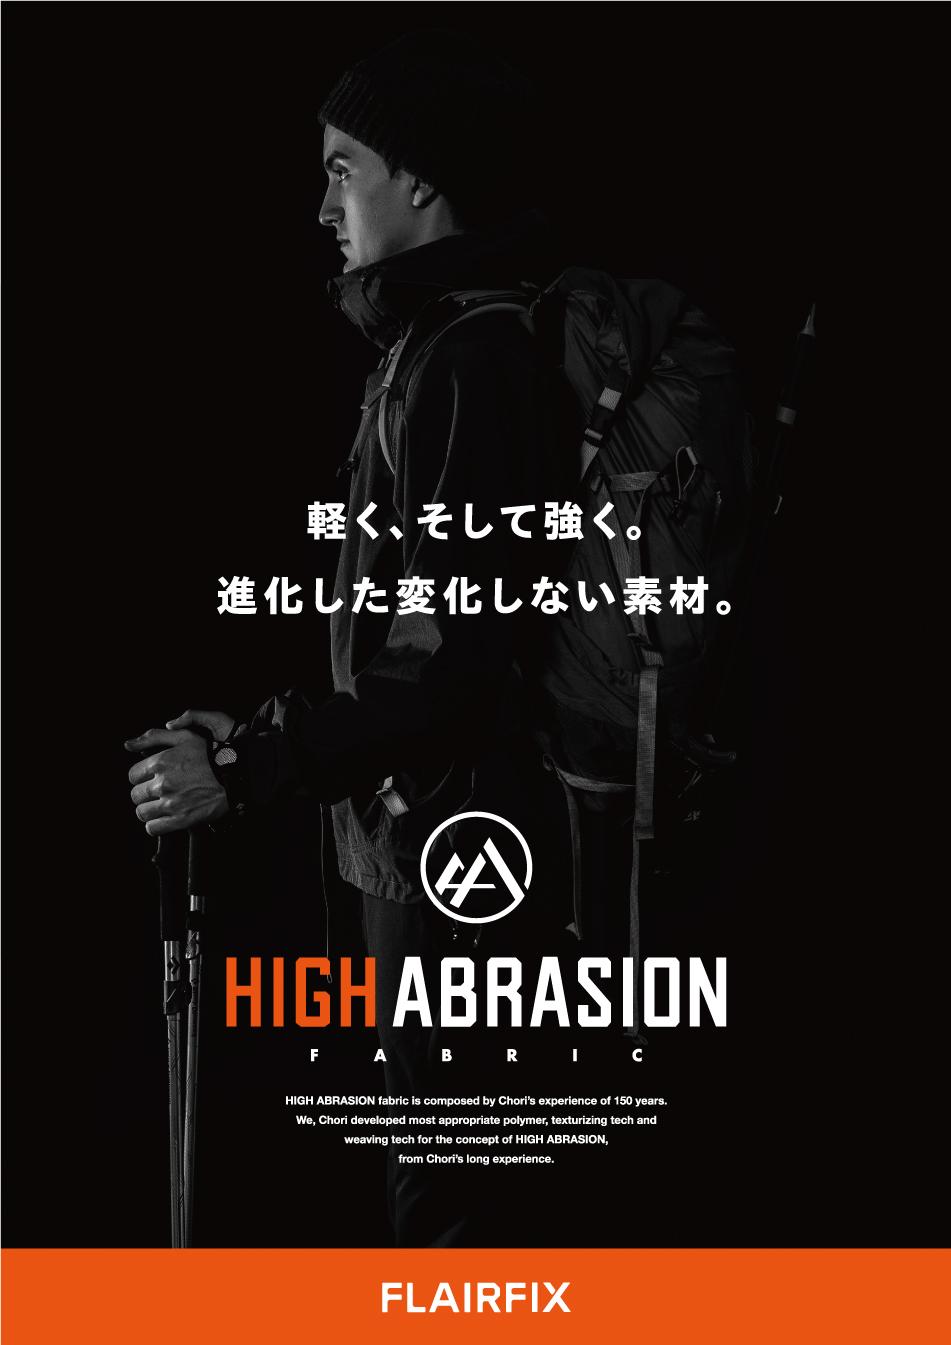 highabrasion02